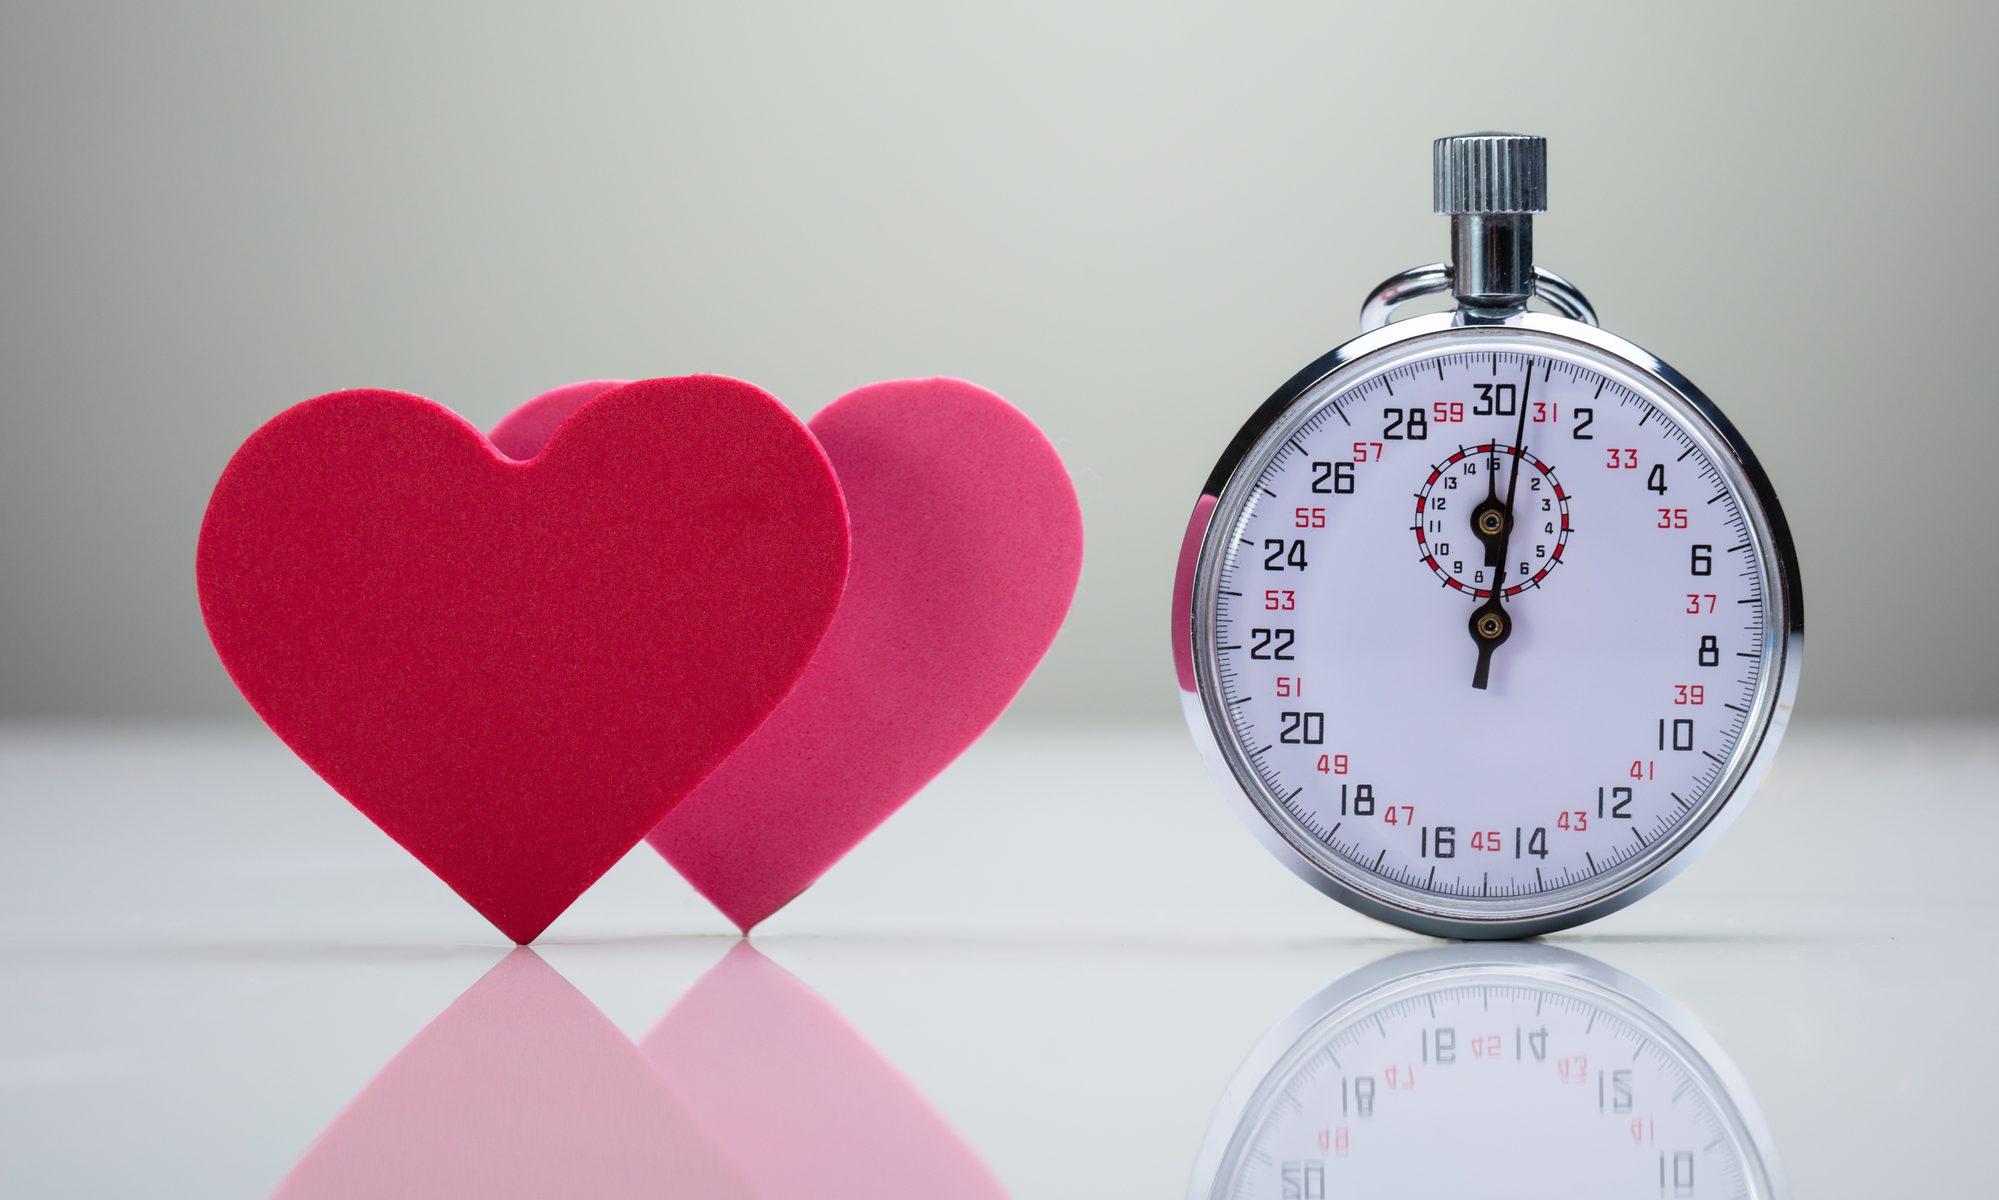 Zwei rote Herzen mit einer Stoppuhr - Speed-Dating